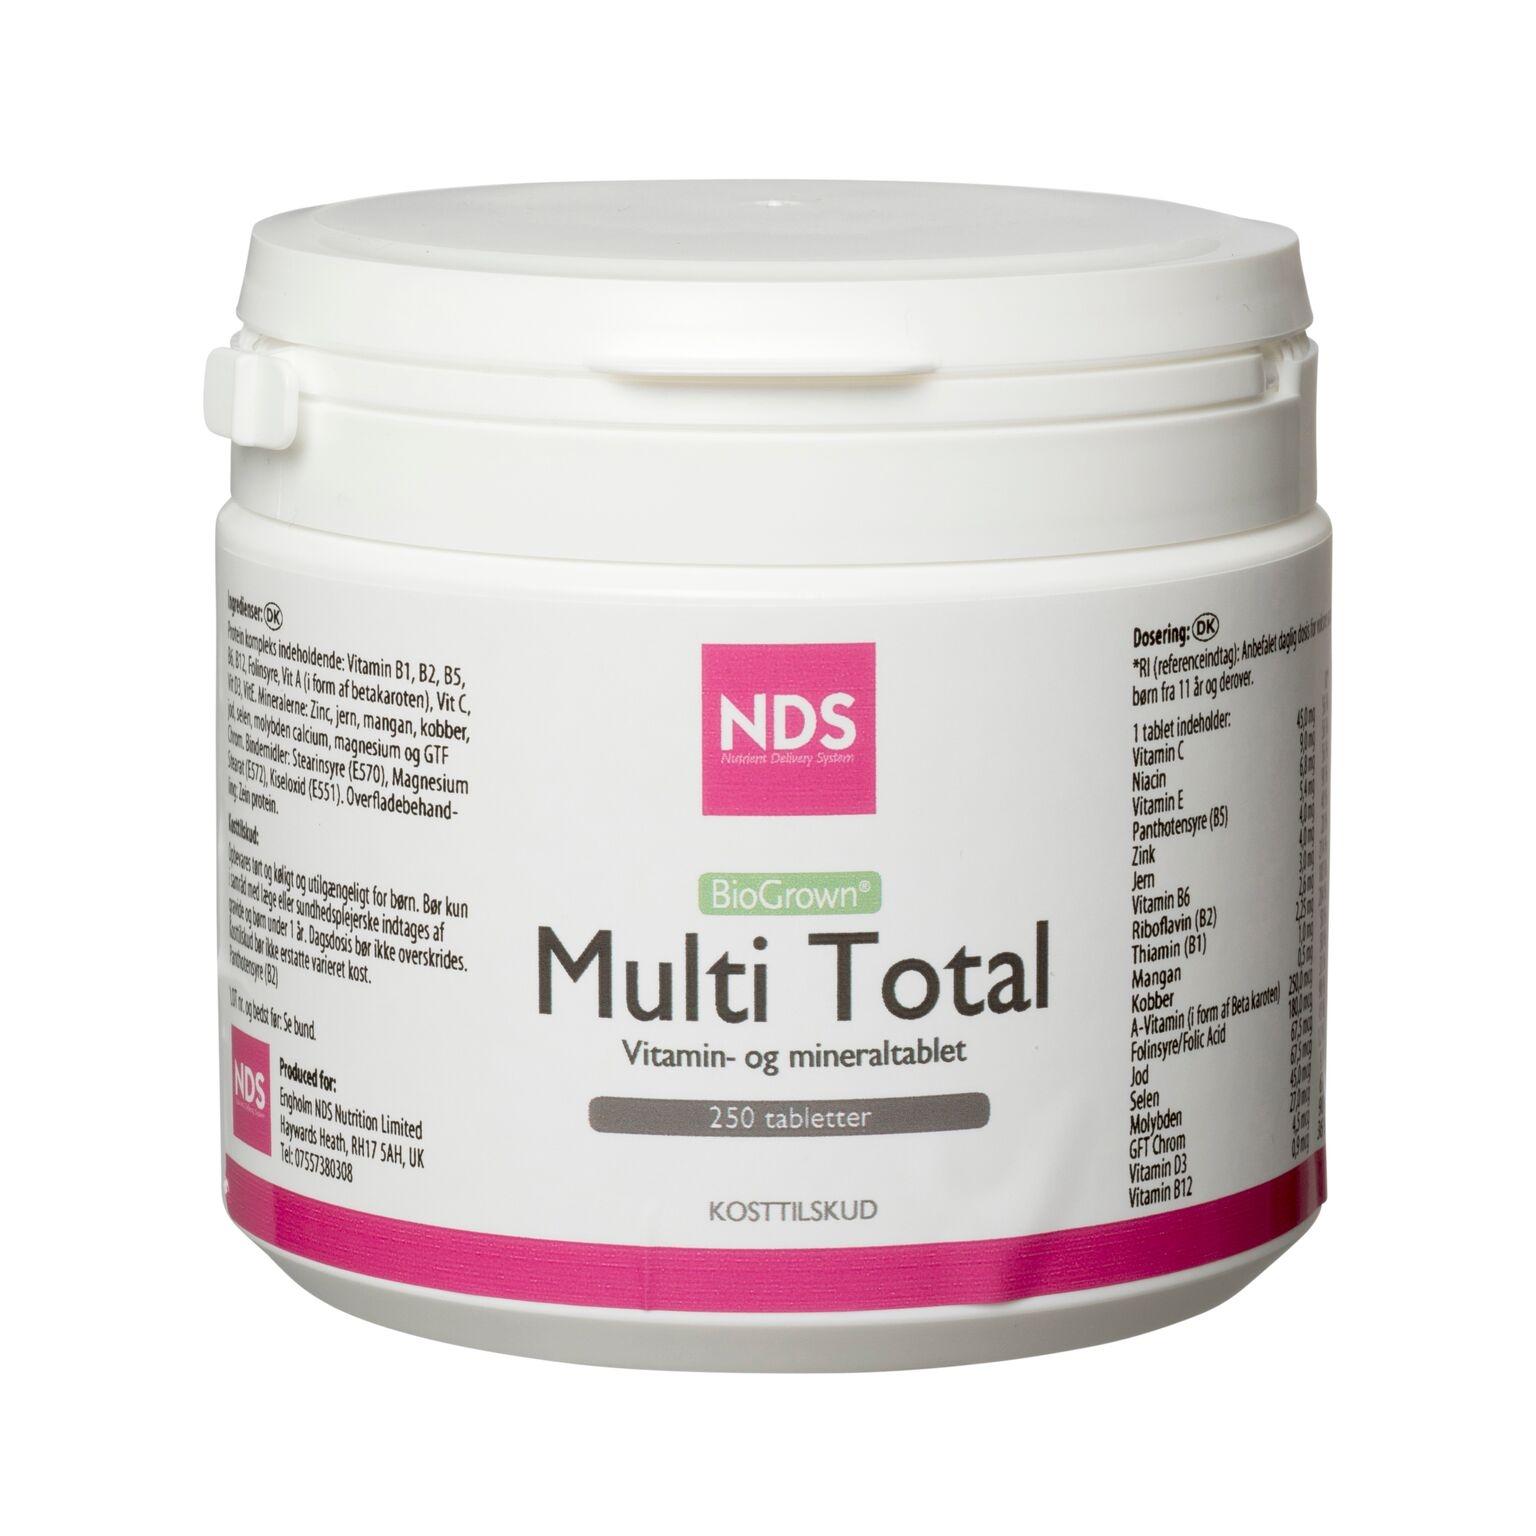 NDS Multi Total - multivit og mineral 250 tab